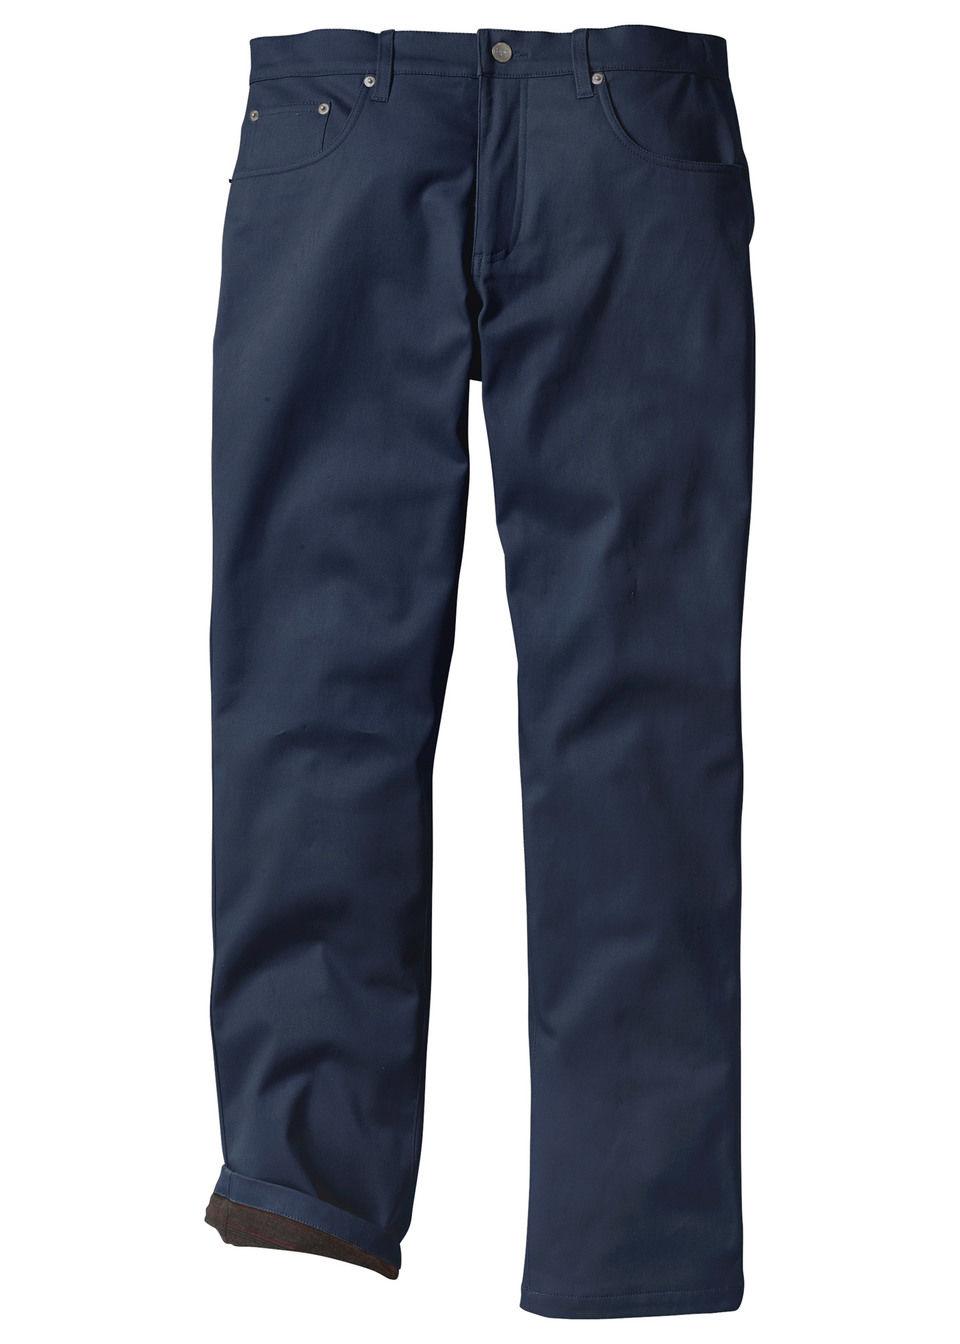 5340bce63e20 Thermo strečové nohavice